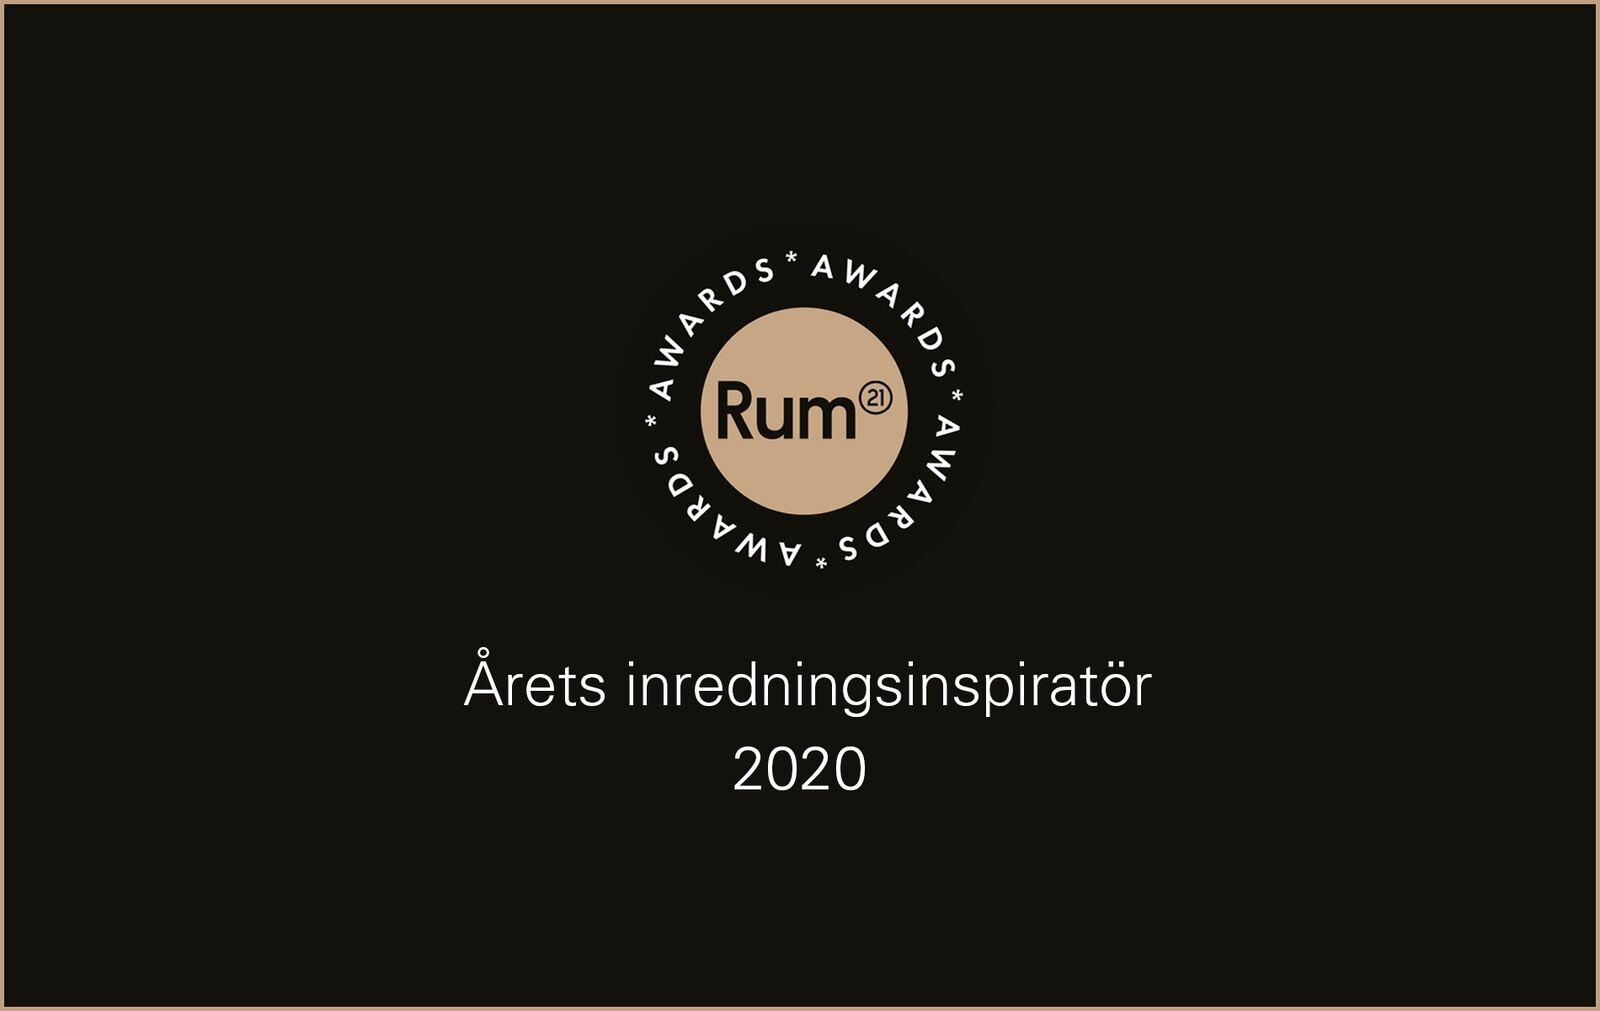 ea49e098-f7d0-4358-8fb3-4c5dc8f4208b_badge-rum21-awards.png